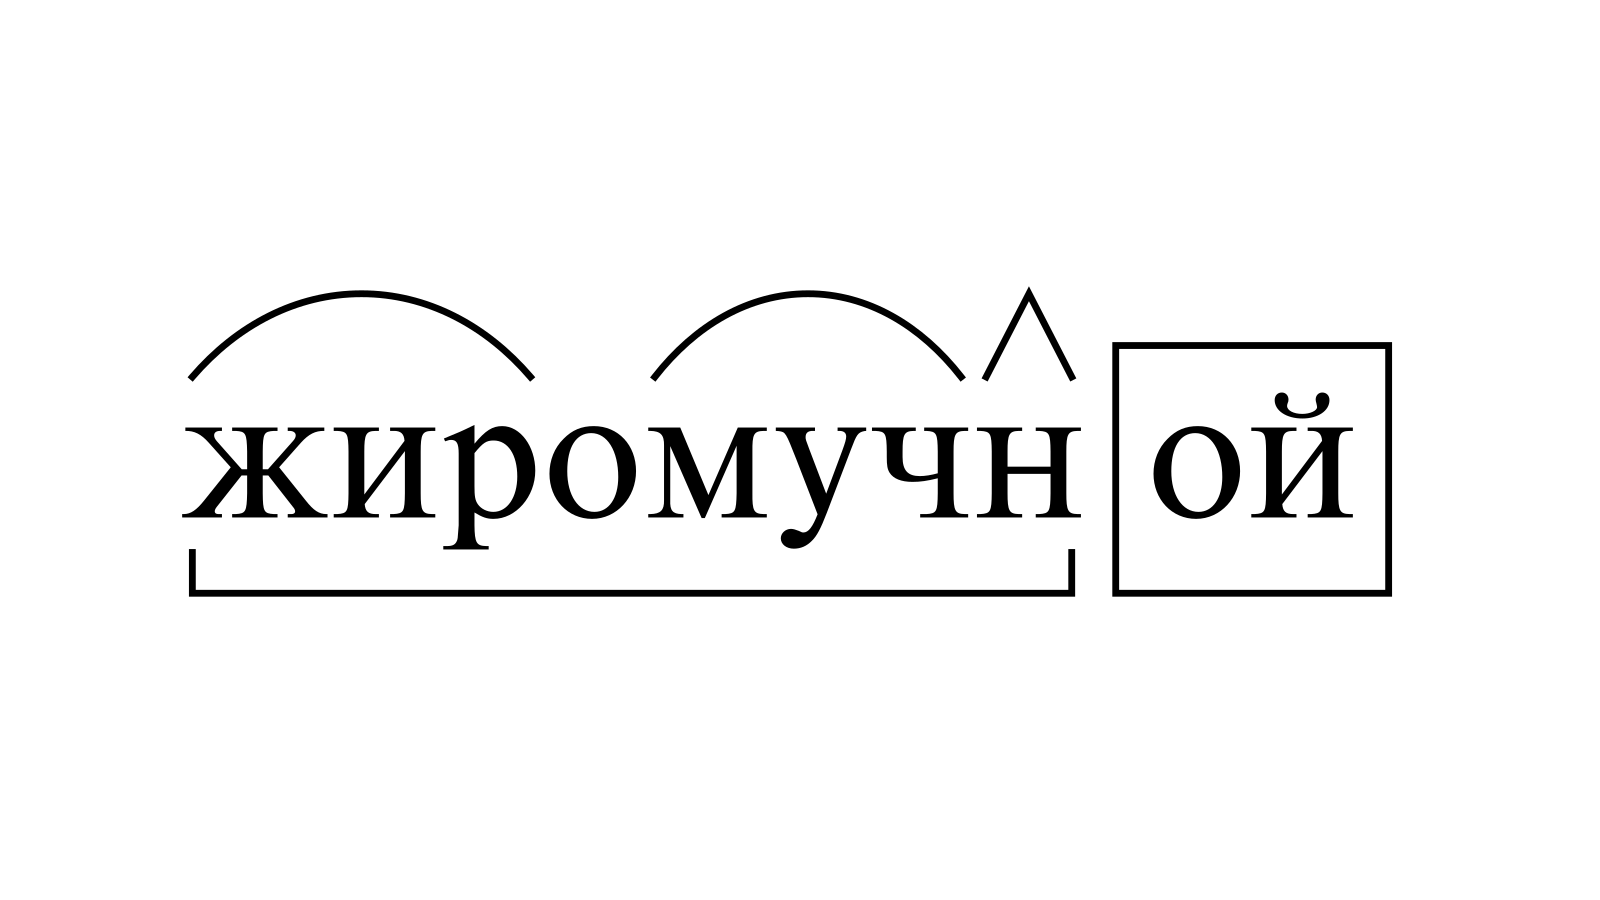 Разбор слова «жиромучной» по составу